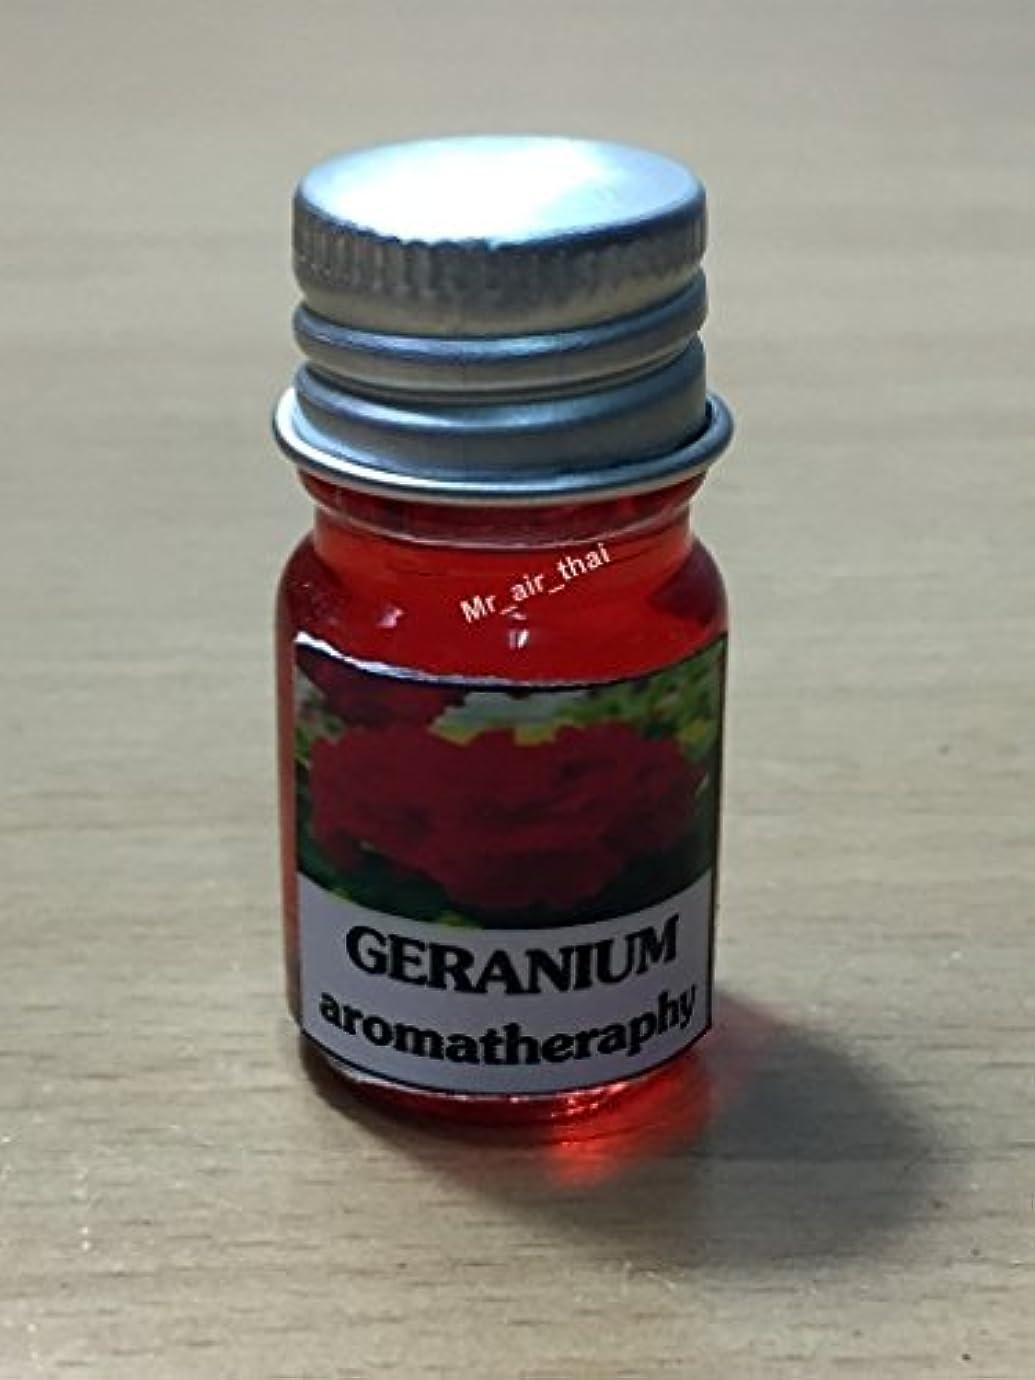 悪質な報復登録する5ミリリットルアロマゼラニウムフランクインセンスエッセンシャルオイルボトルアロマテラピーオイル自然自然5ml Aroma Geranium Frankincense Essential Oil Bottles Aromatherapy...